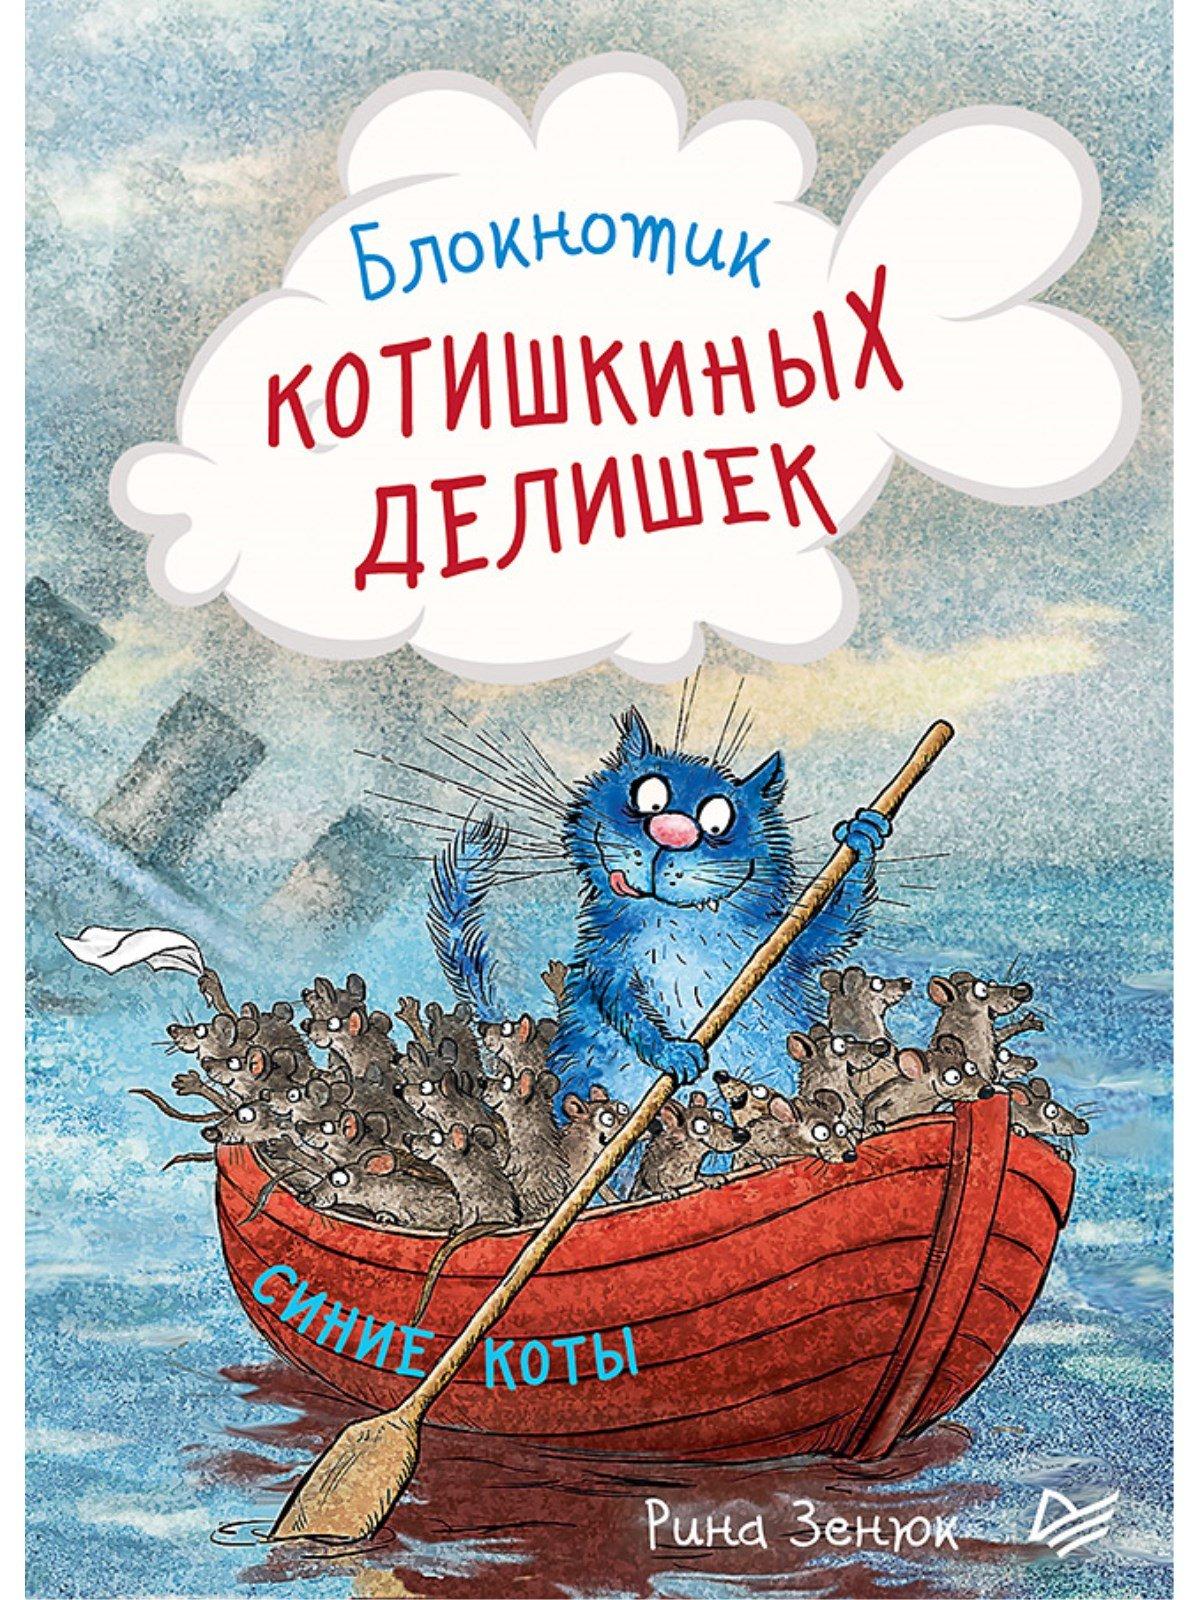 Фото - Зенюк Ирина Блокнотик котишкиных делишек «Синие коты», 32 листа зенюк ирина мини планер котопамятки синие коты